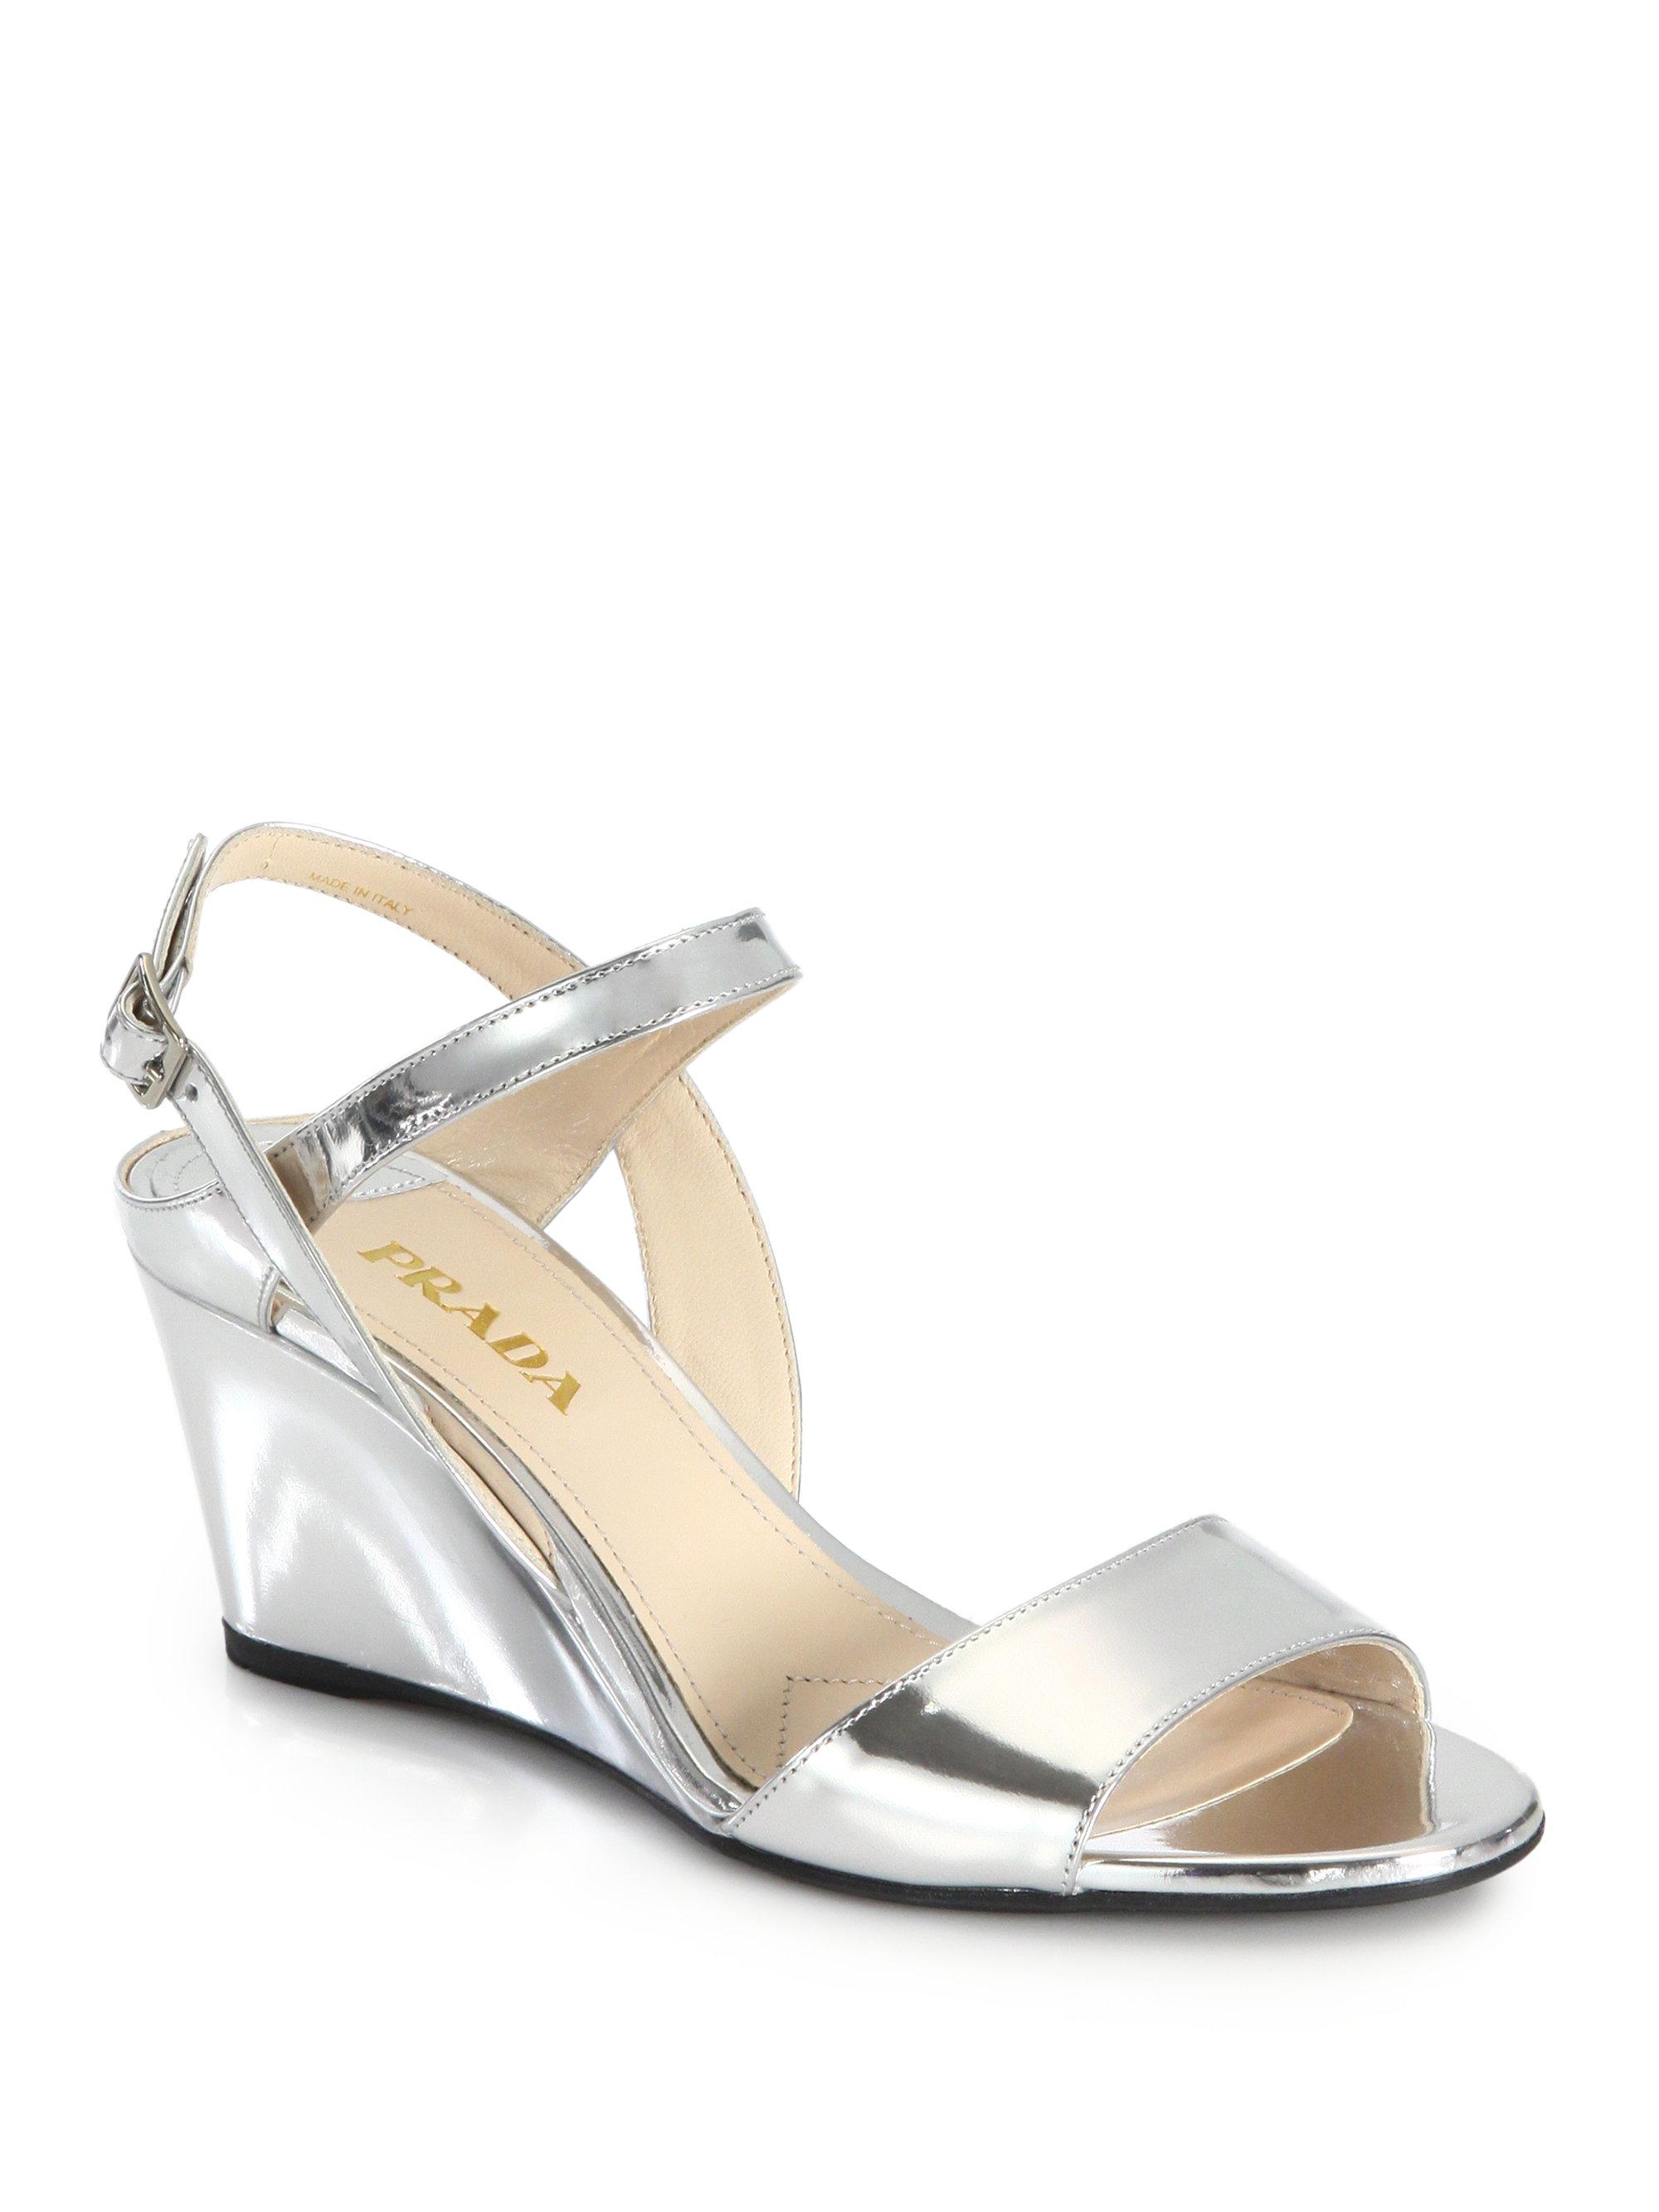 aafdb677bf6 Lyst - Prada Metallic Leather Wedge Sandals in Metallic